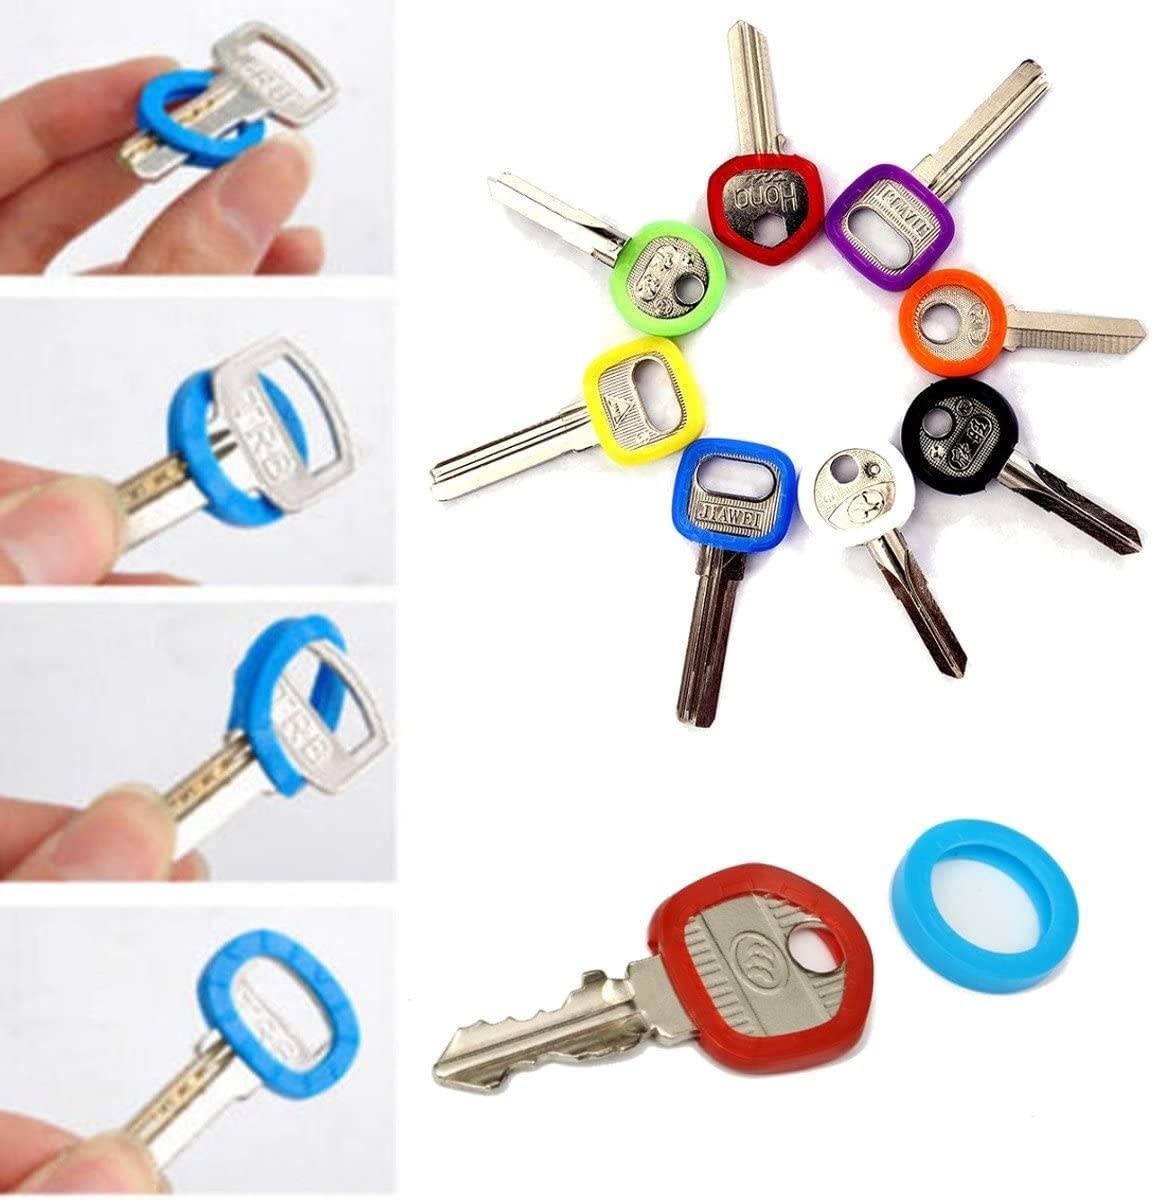 A imagem mostra 6 fotos do produto. Quatro fotos em sequência mostrando a forma de colocar o identificador na chave, utilizando um identificador azul para demonstração.